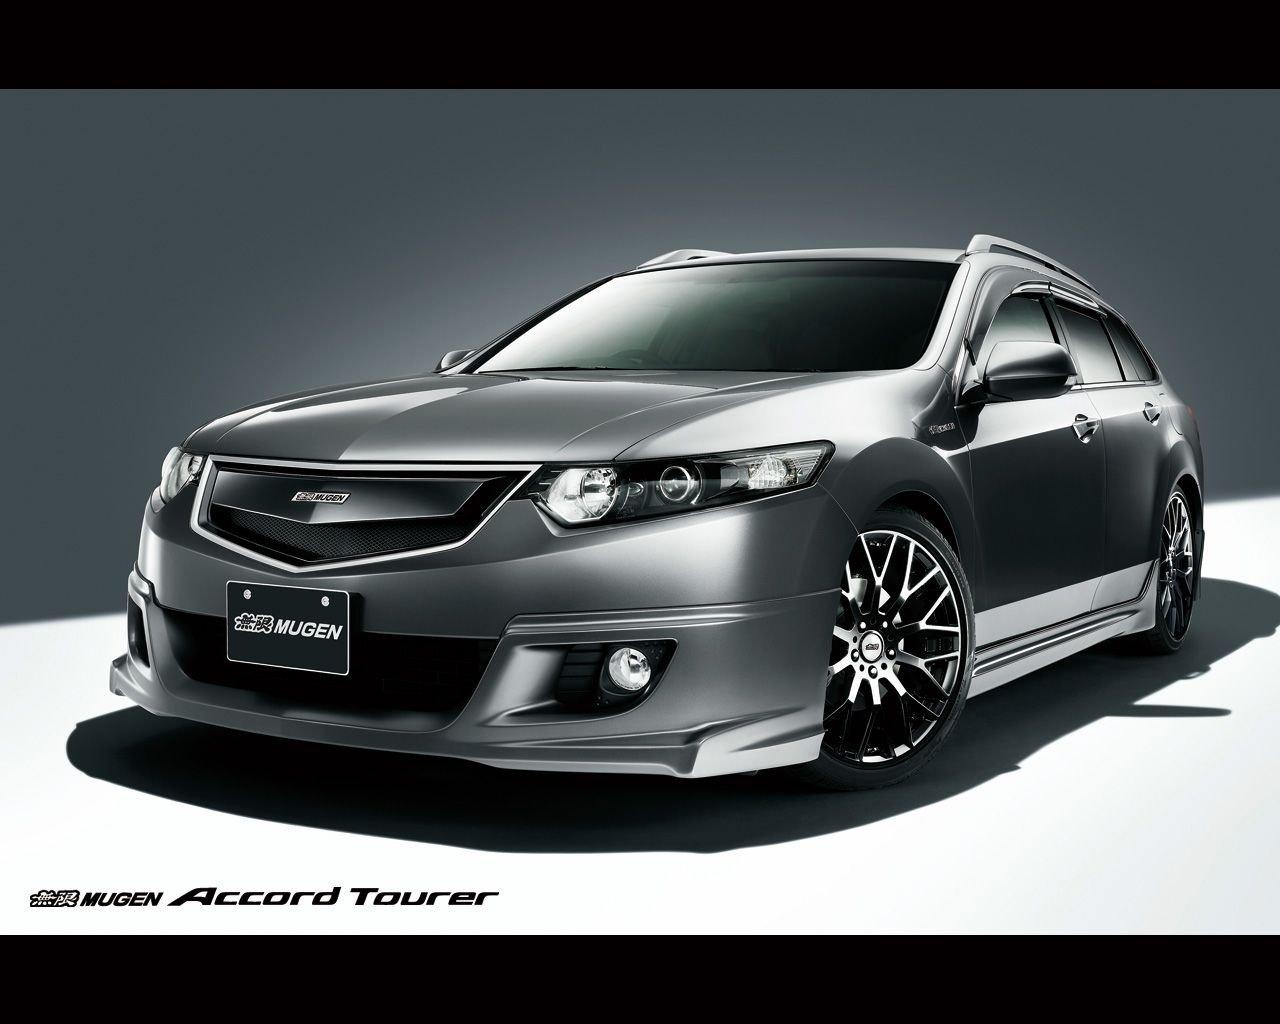 Honda Accord Mugen Wallpaperjpg 1280x1024